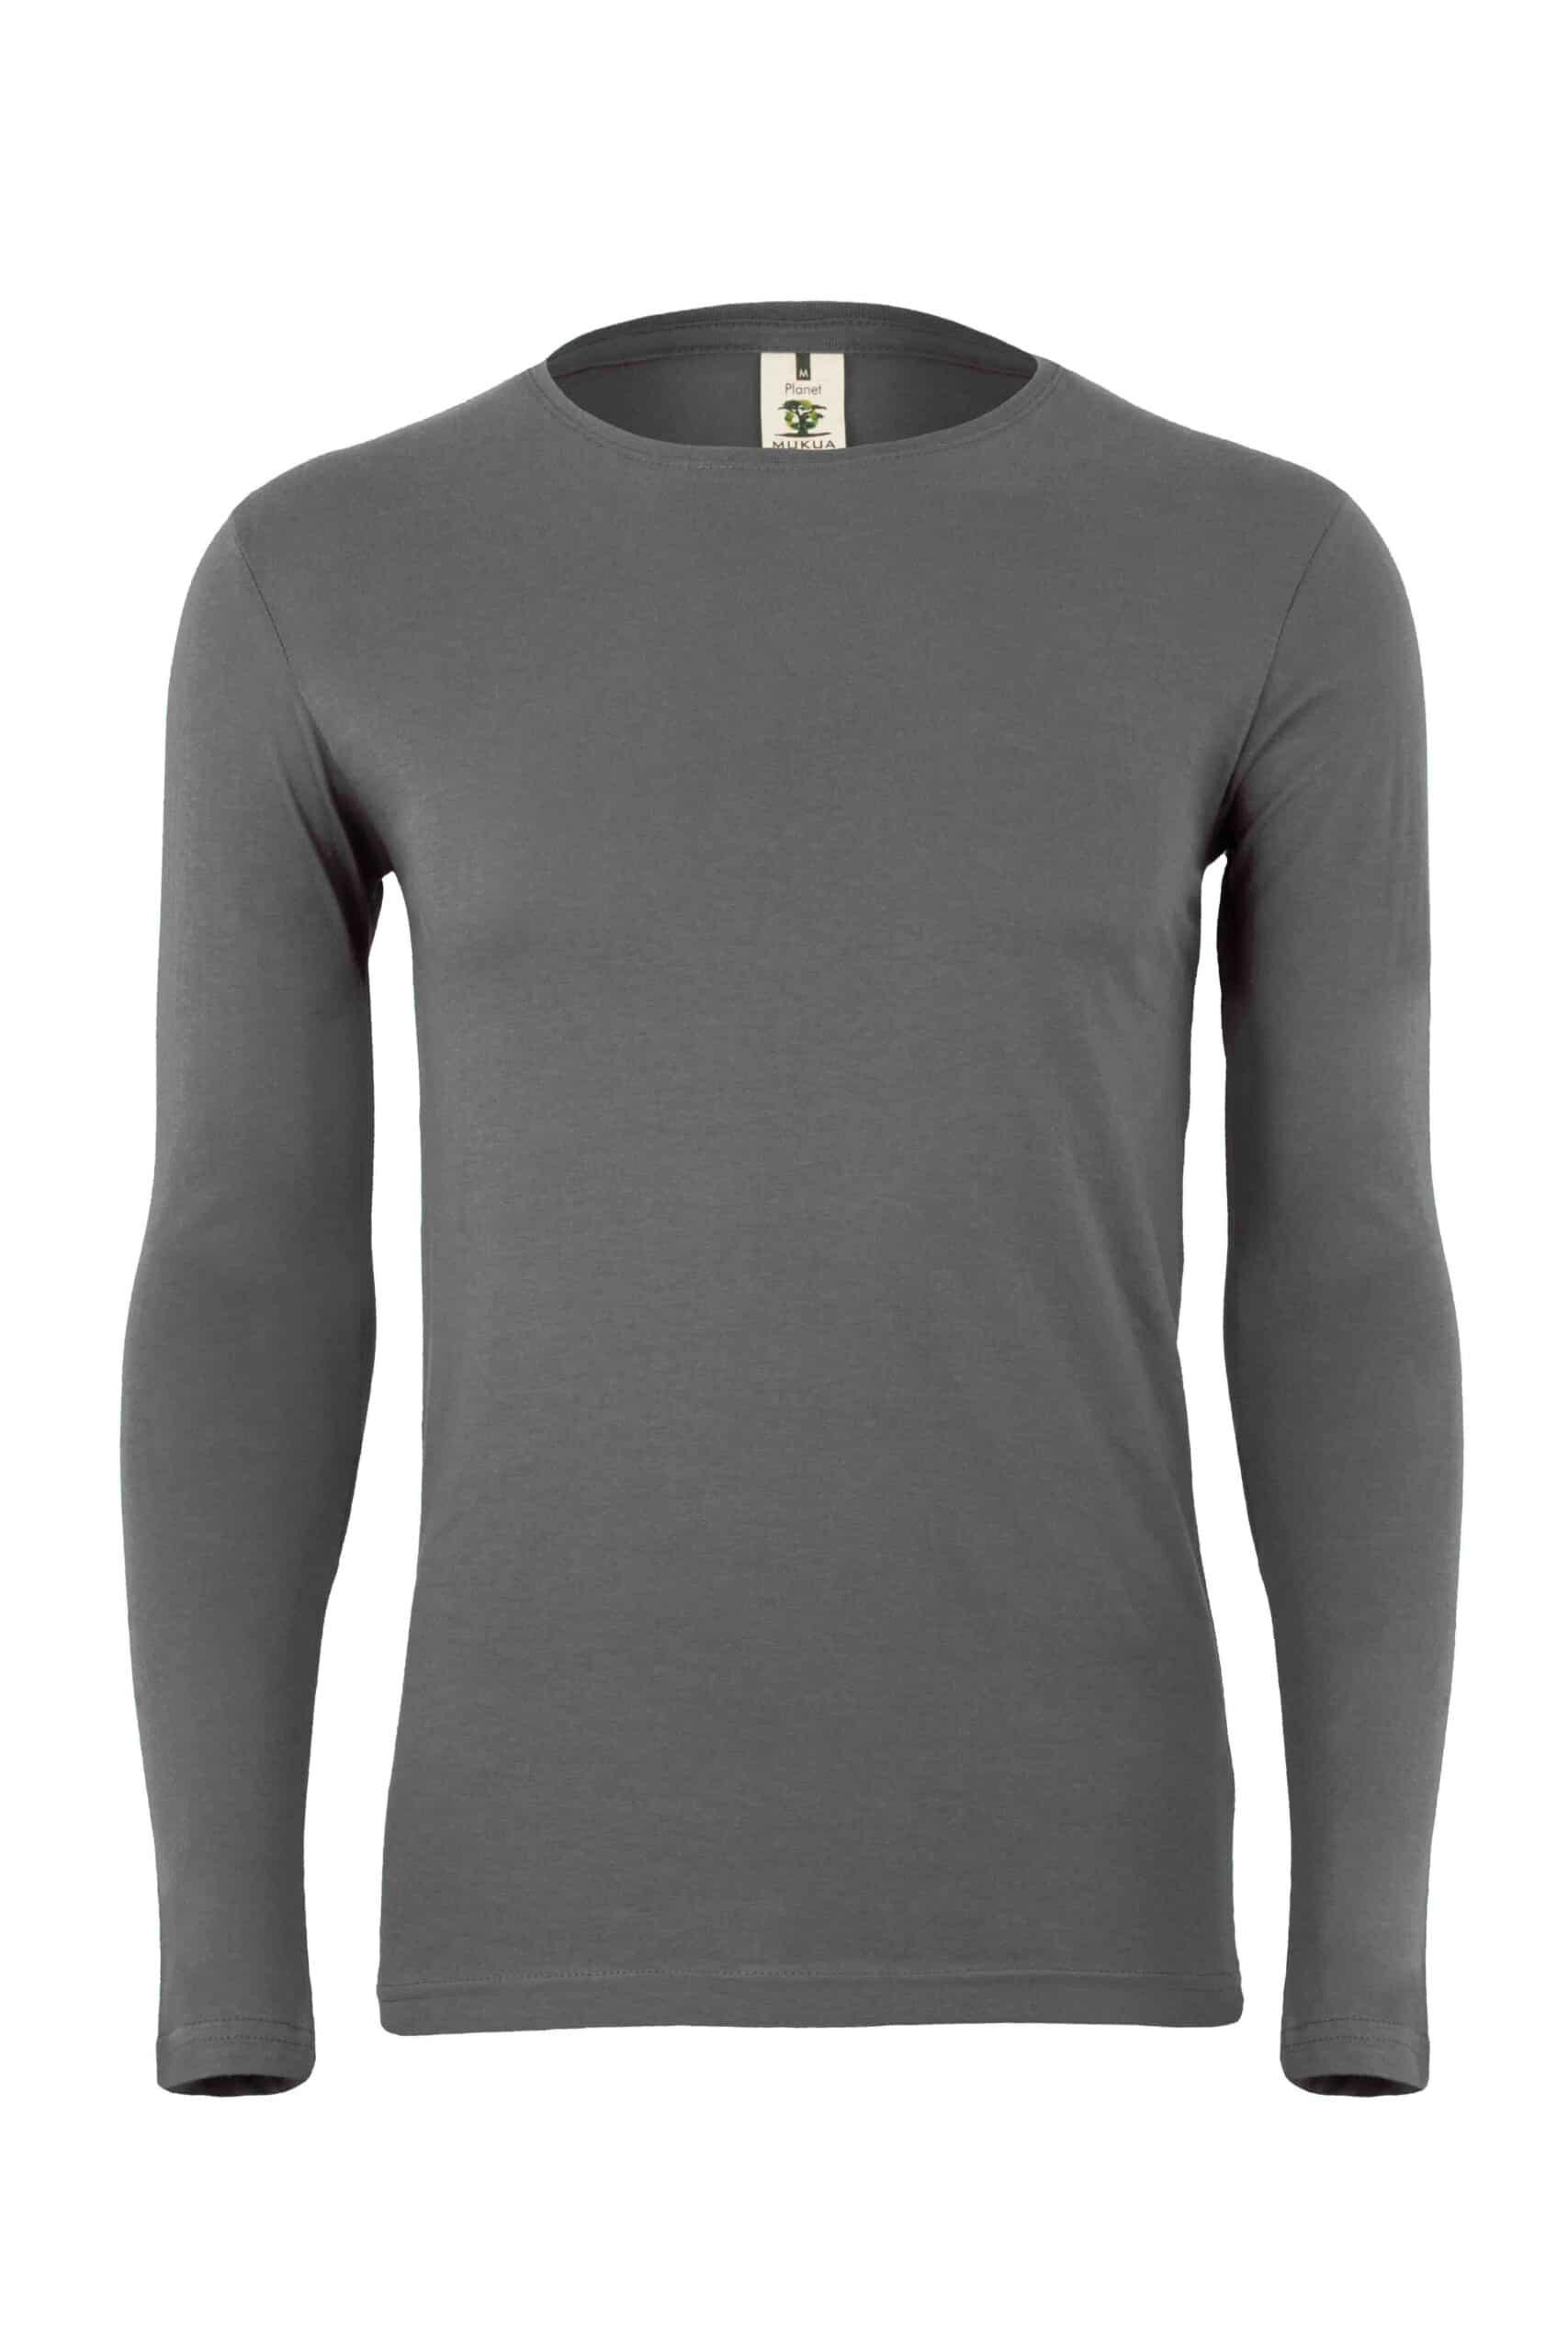 Mukua Mk156cv Camiseta Manga Larga 150gr Dark Grey